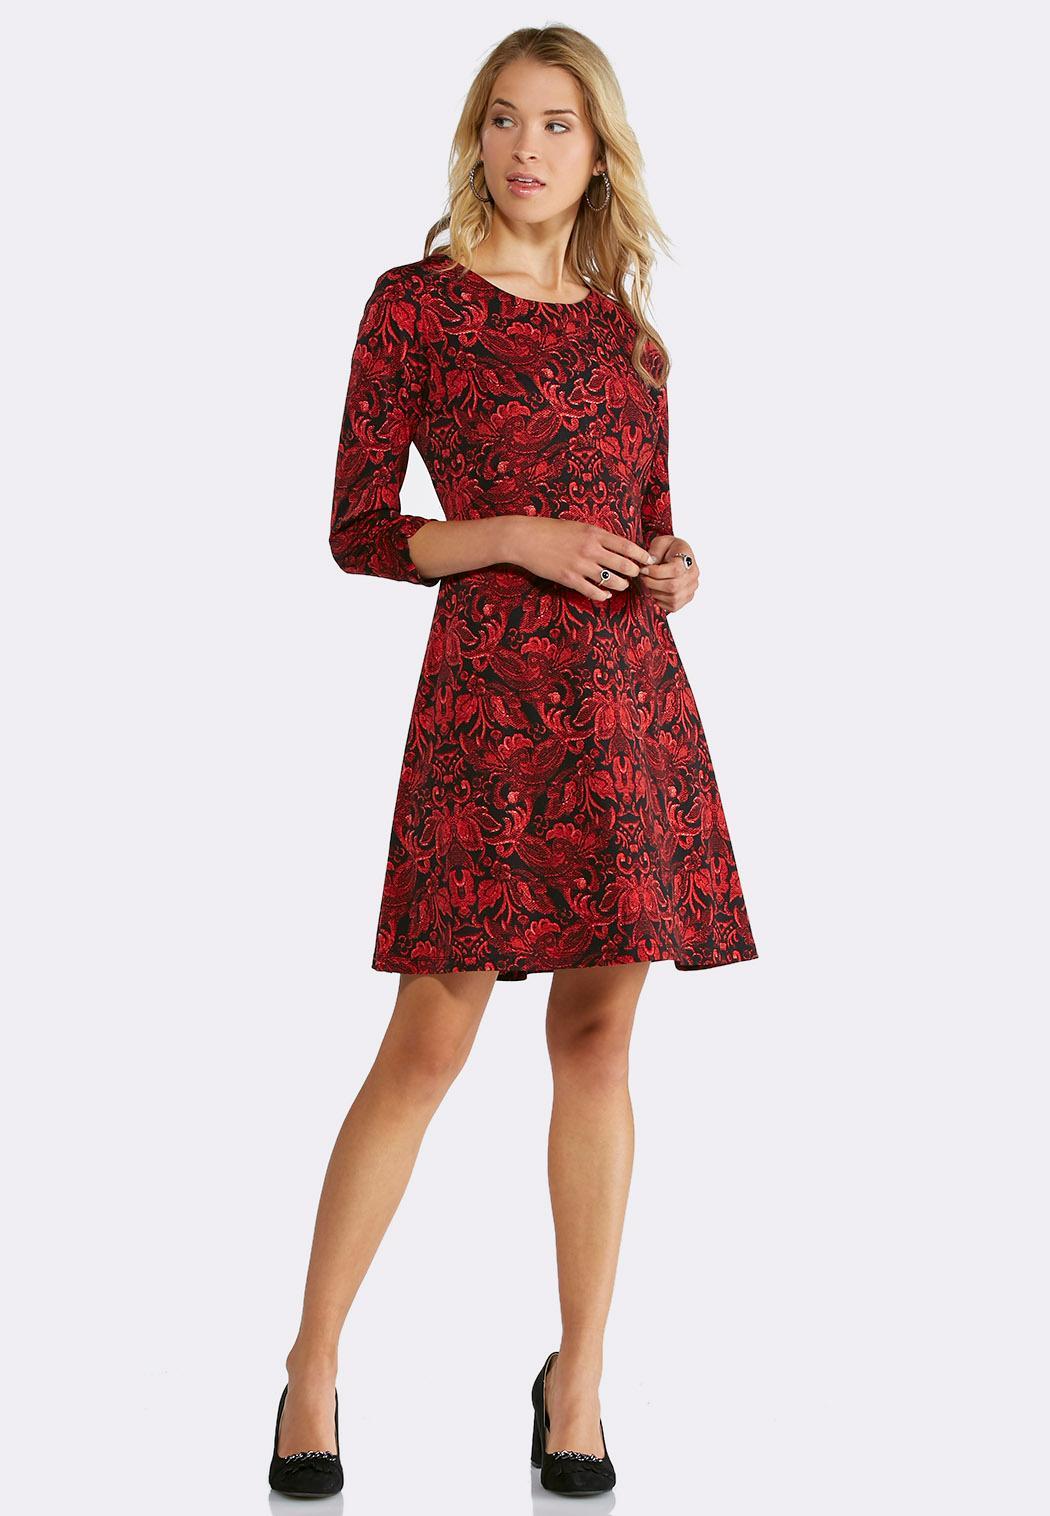 Womens dresses cato fashions ombrellifo Gallery